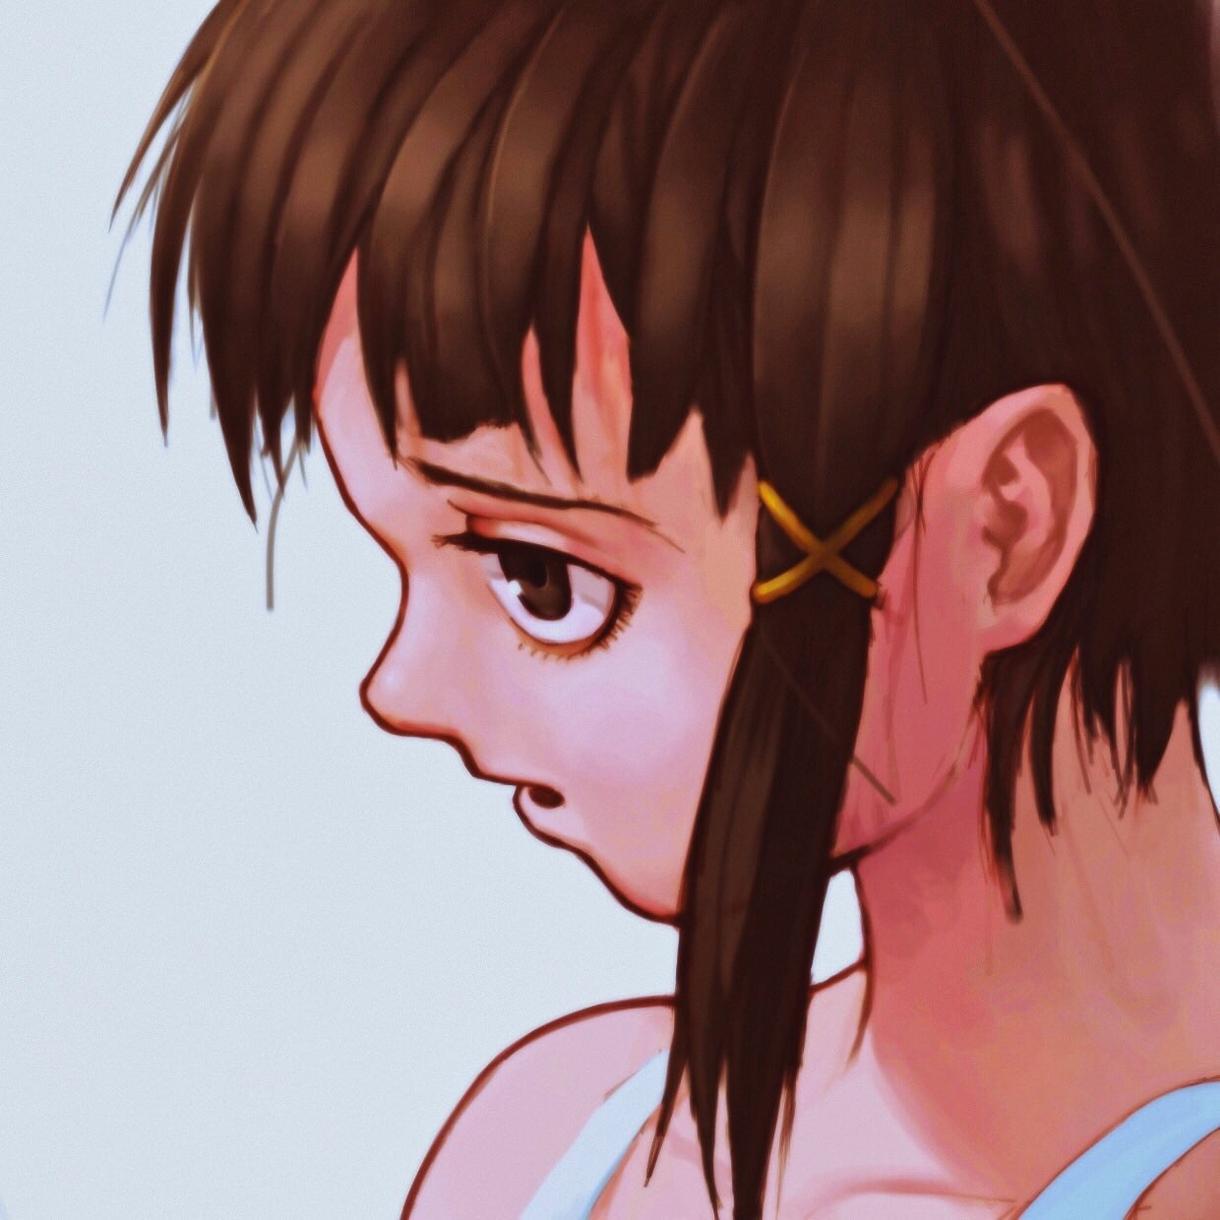 SNSアイコン等イラストを描きます SNS、YouTubeなどのアイコン、オリジナルキャラクター